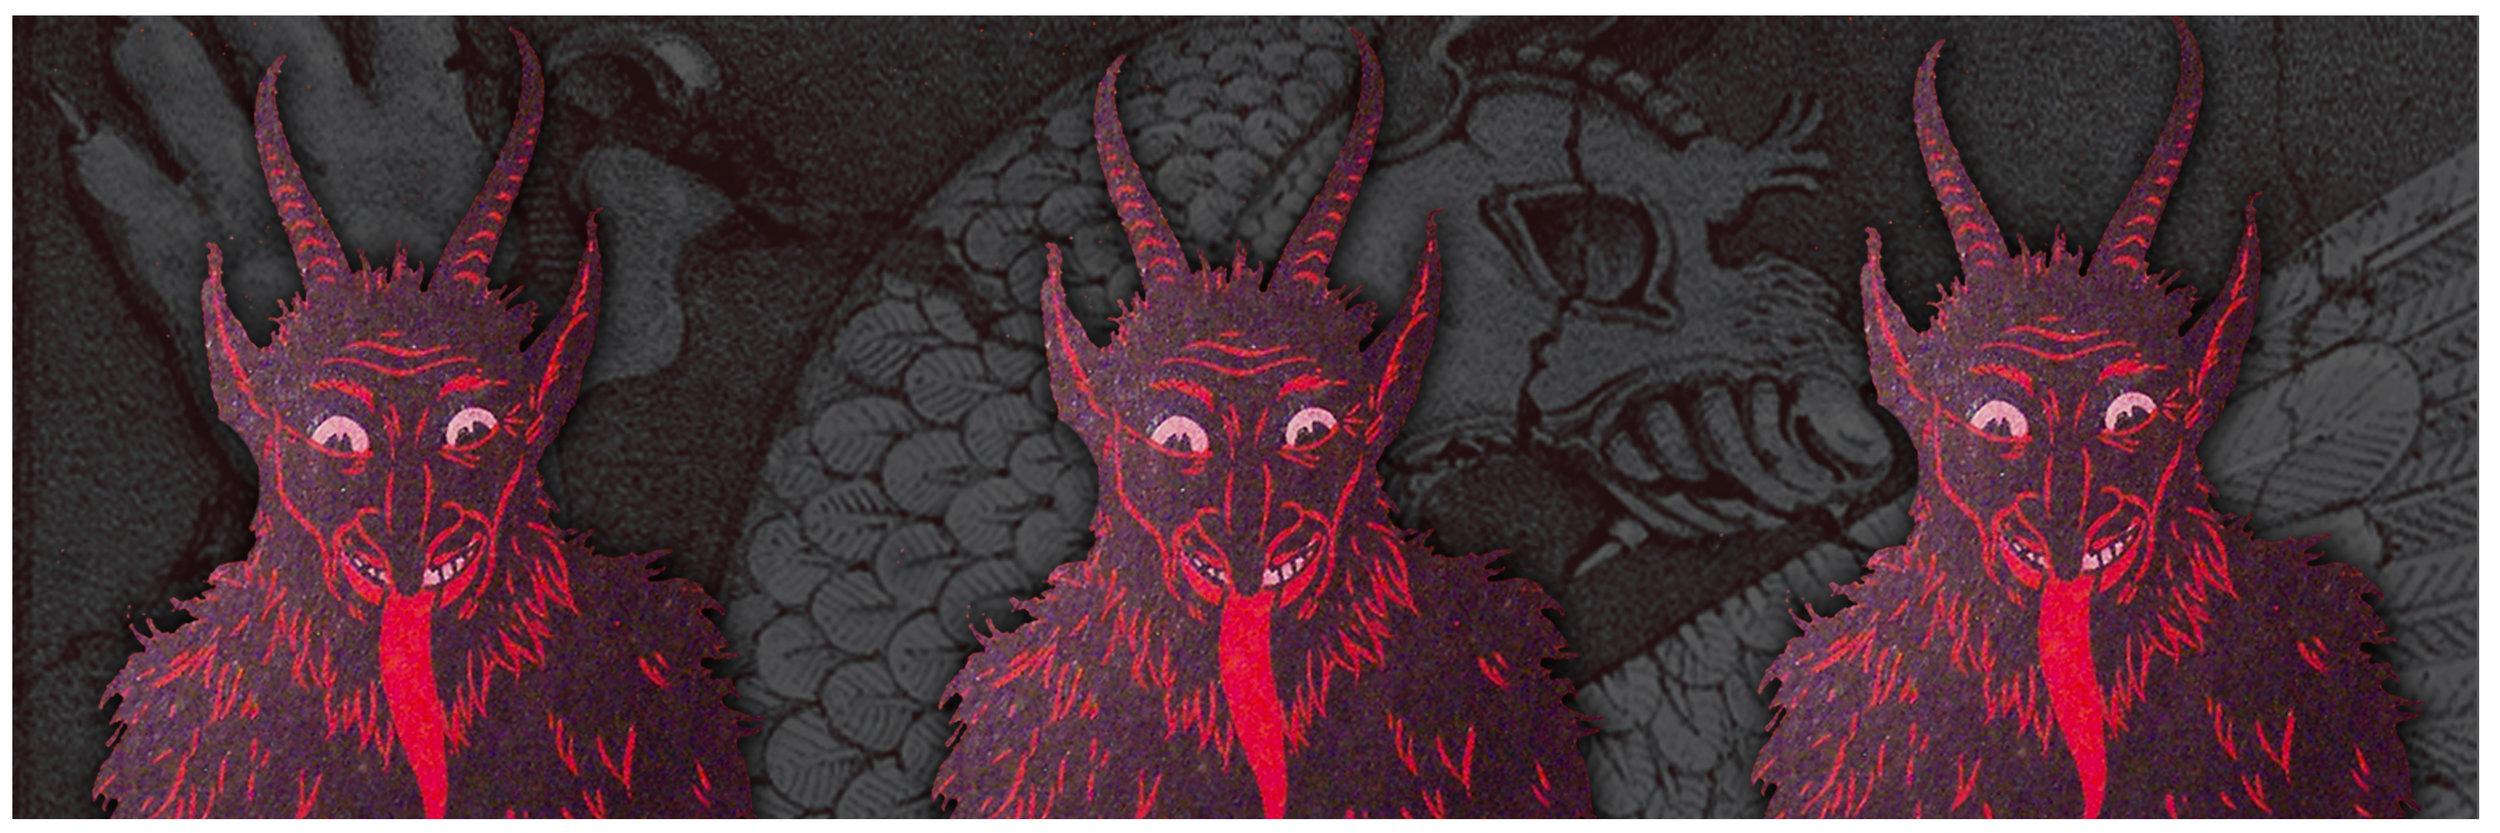 3 lil devils  1x3.jpg